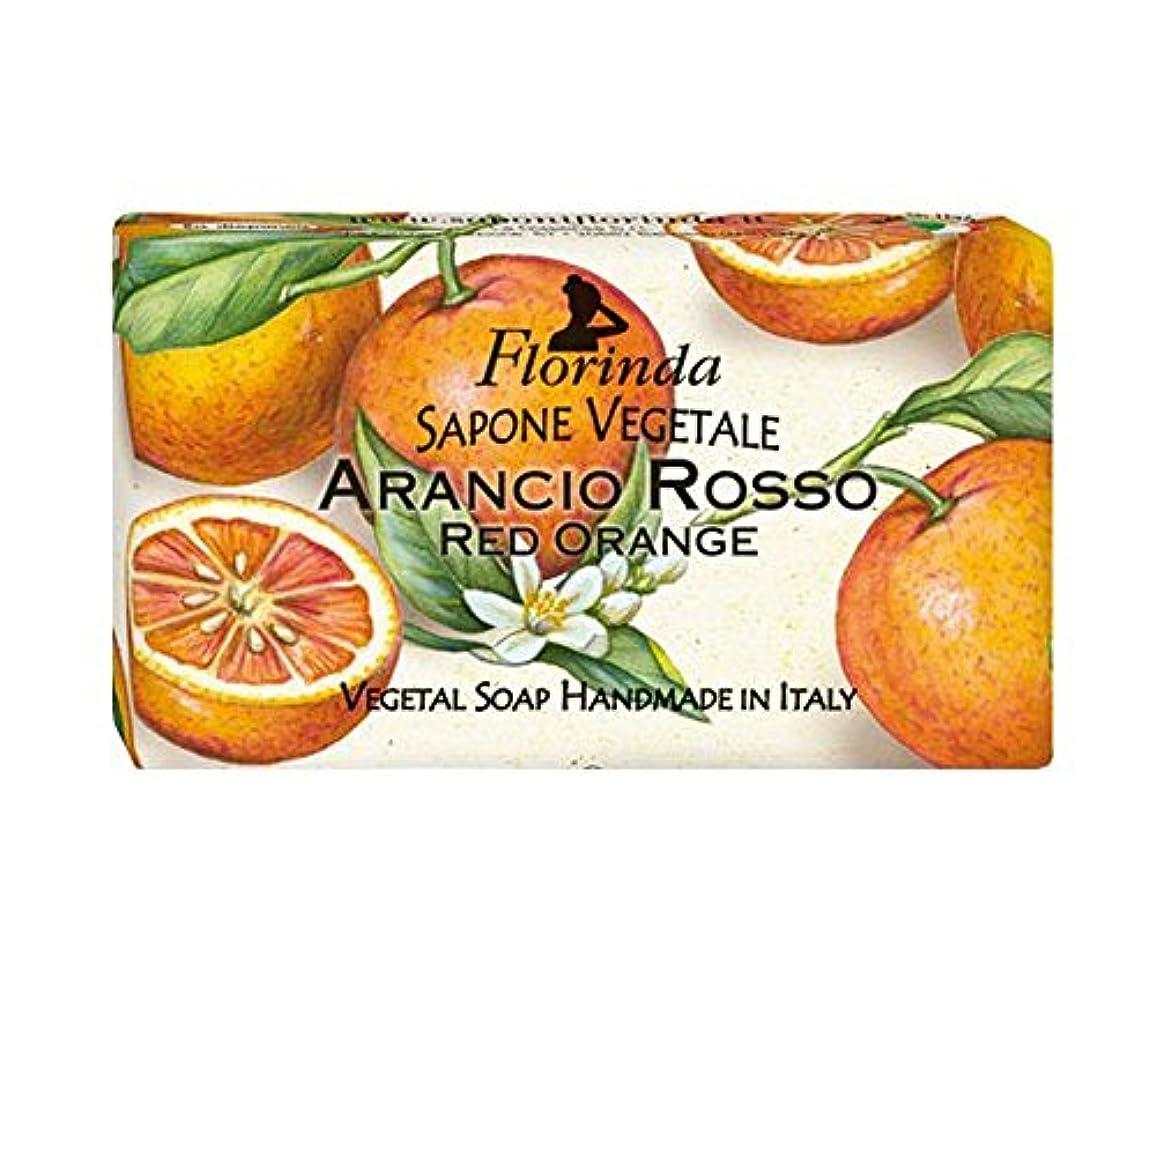 部分的悲惨なチョークFlorinda フロリンダ フレグランスソープ フルーツ レッドオレンジ 100g [並行輸入品]